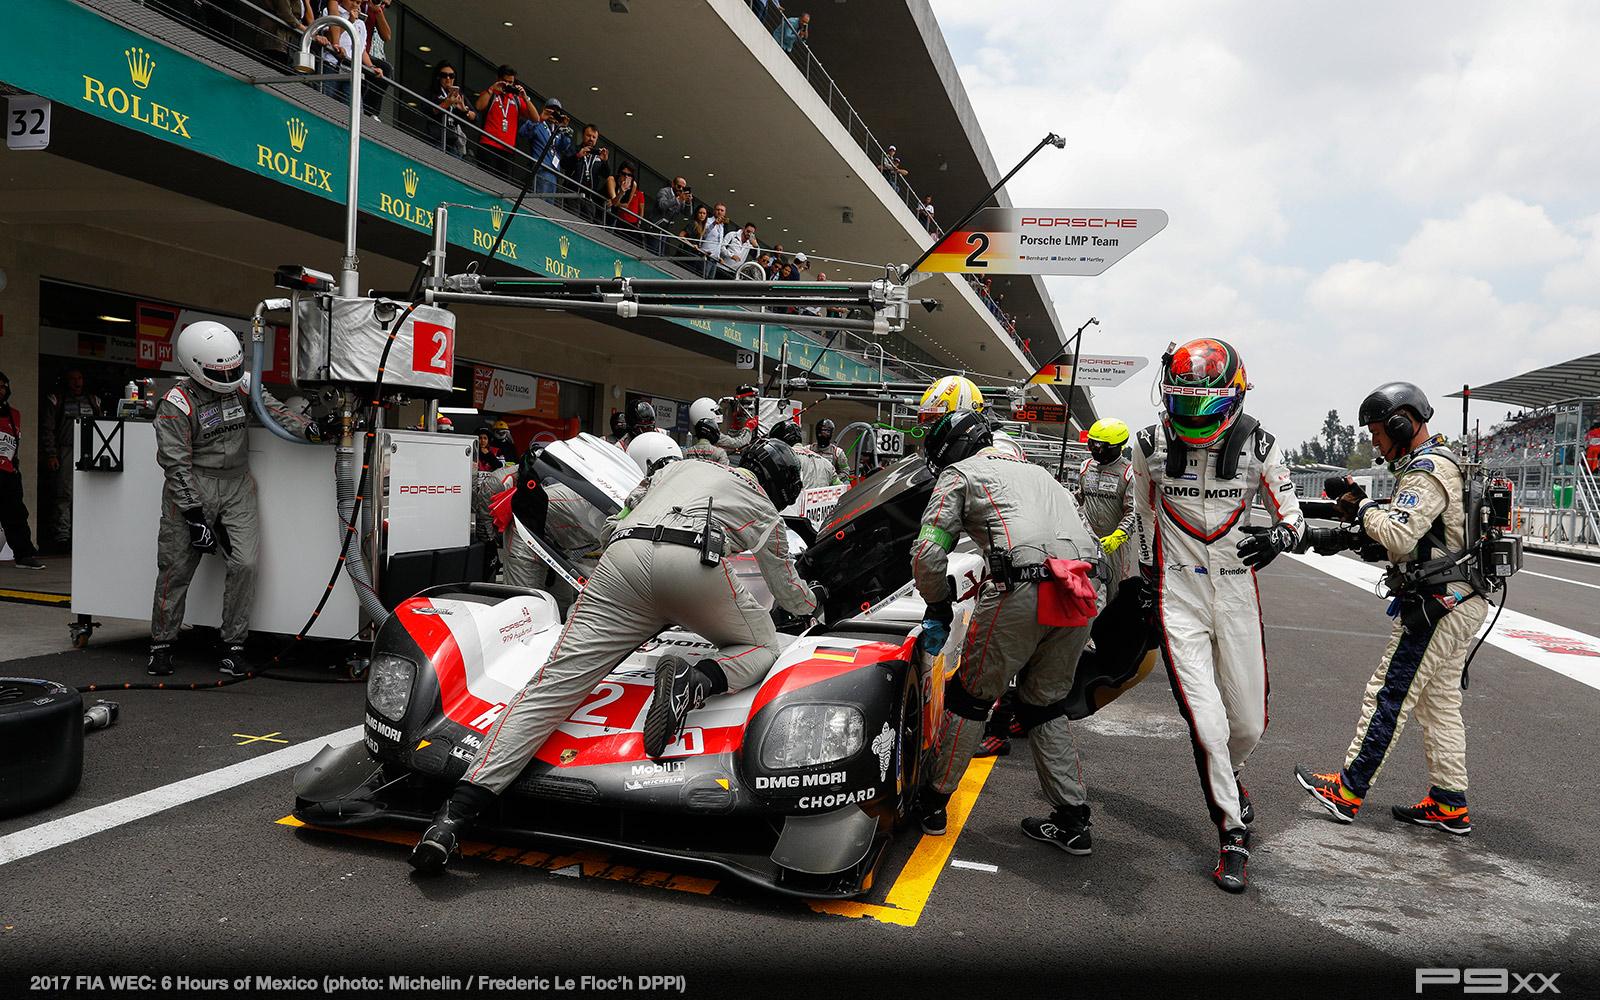 2017-FIA-WEC-6-HOURS-MEXICO-PORSCHE-exico_FLF_02117008_522261253